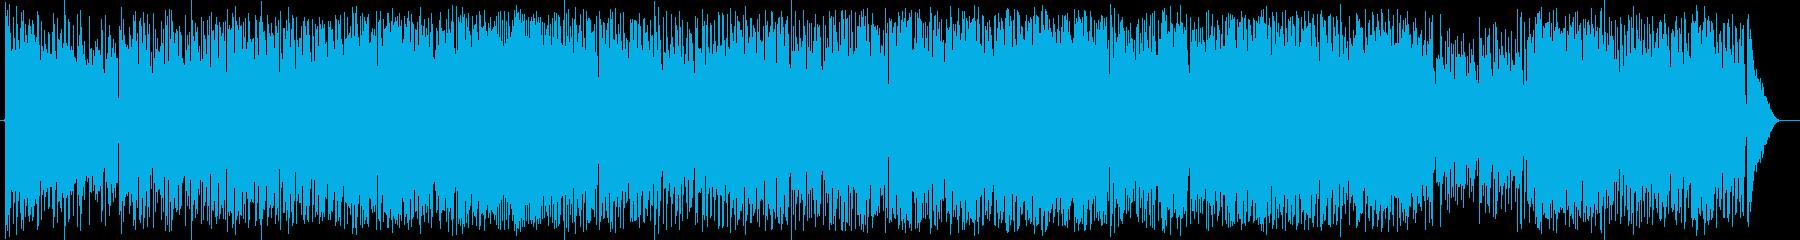 アコギを使用したほのぼのも怪しいBGMの再生済みの波形